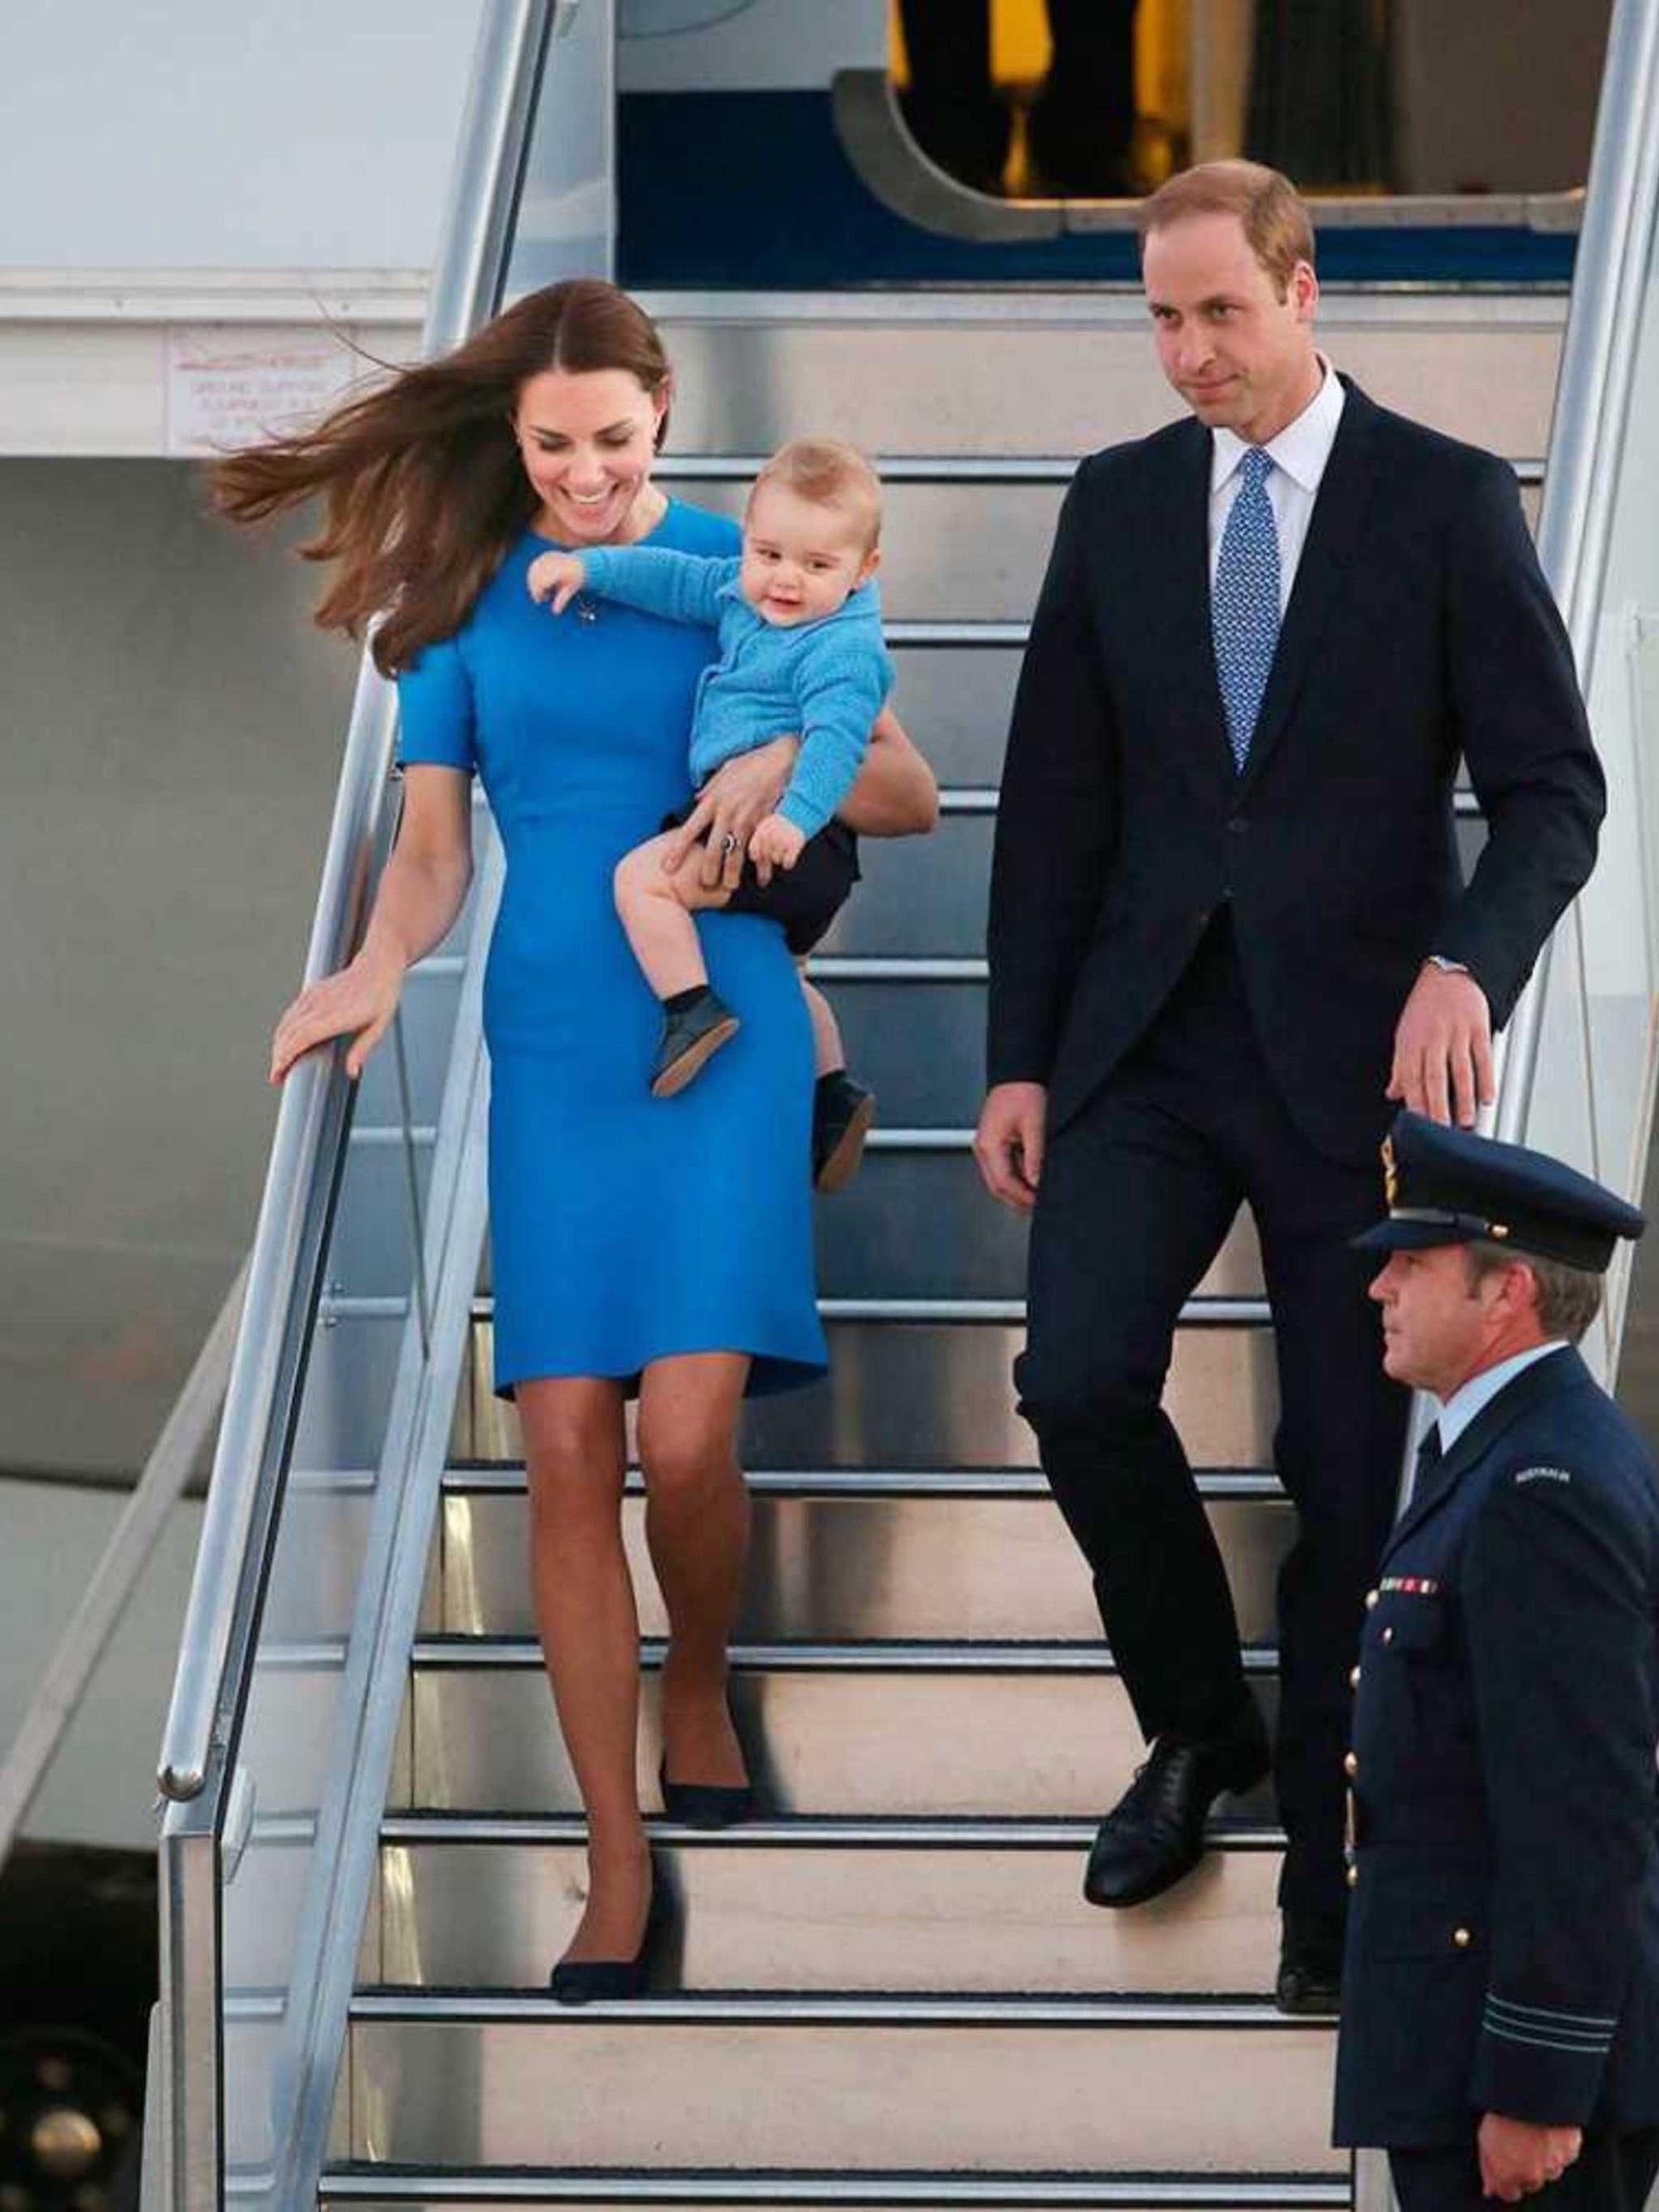 Đến chuyện diện đồ xuyệt tông với chồng mà Kate Middleton cũng tinh tế hết mực, quả không hổ danh là Công nương quốc dân 1